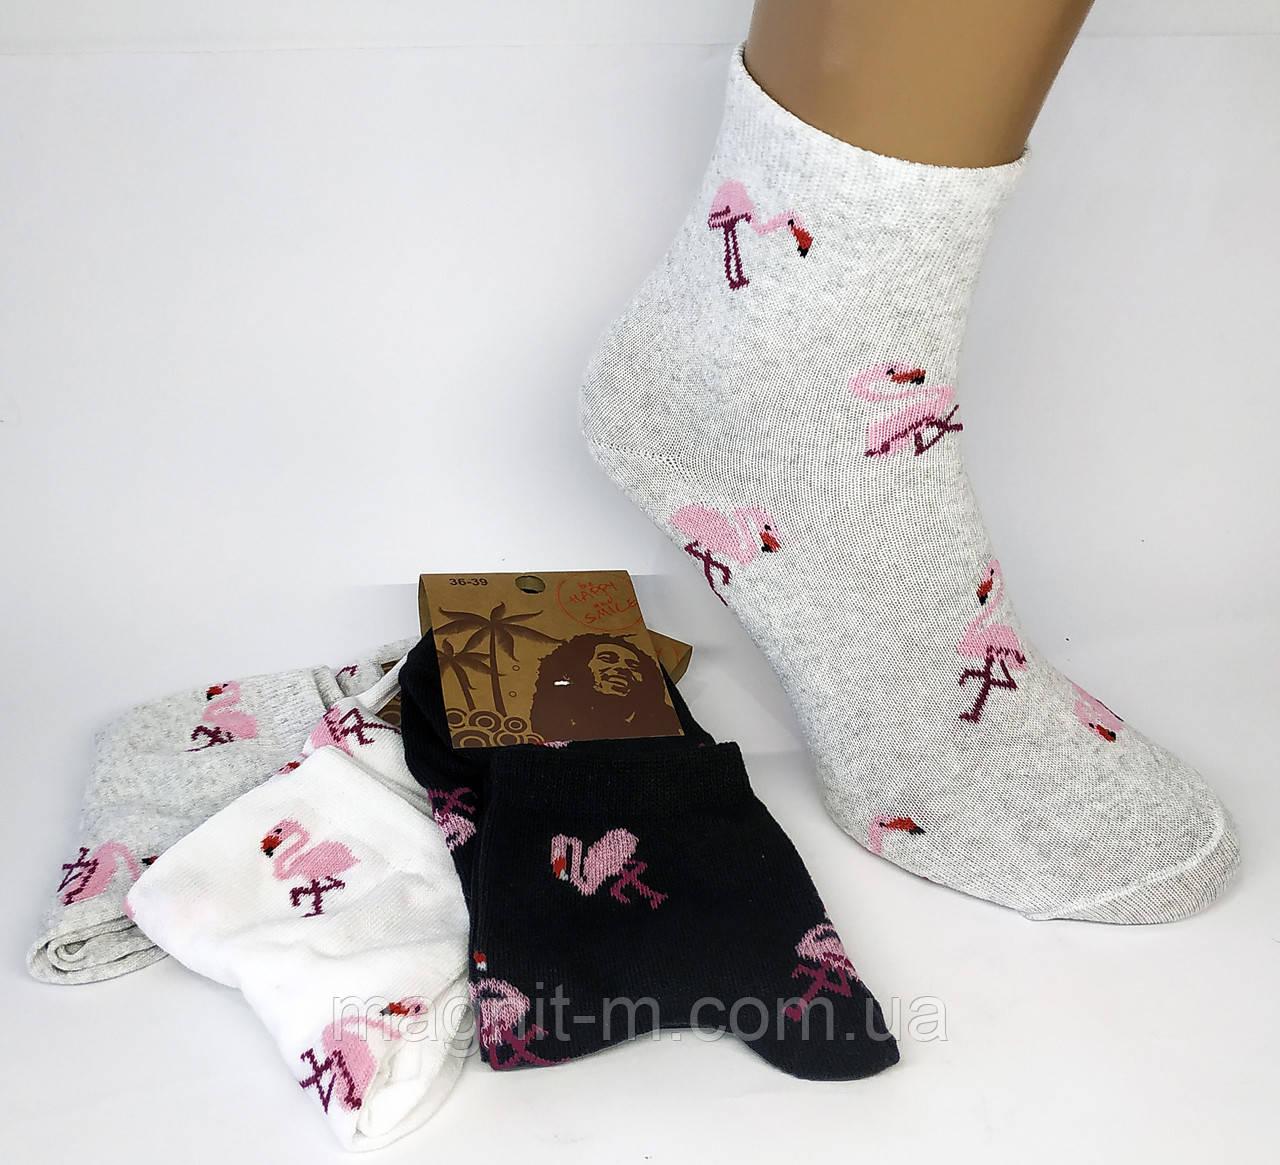 Носки женские. Розовые фламинго. Ассорти.